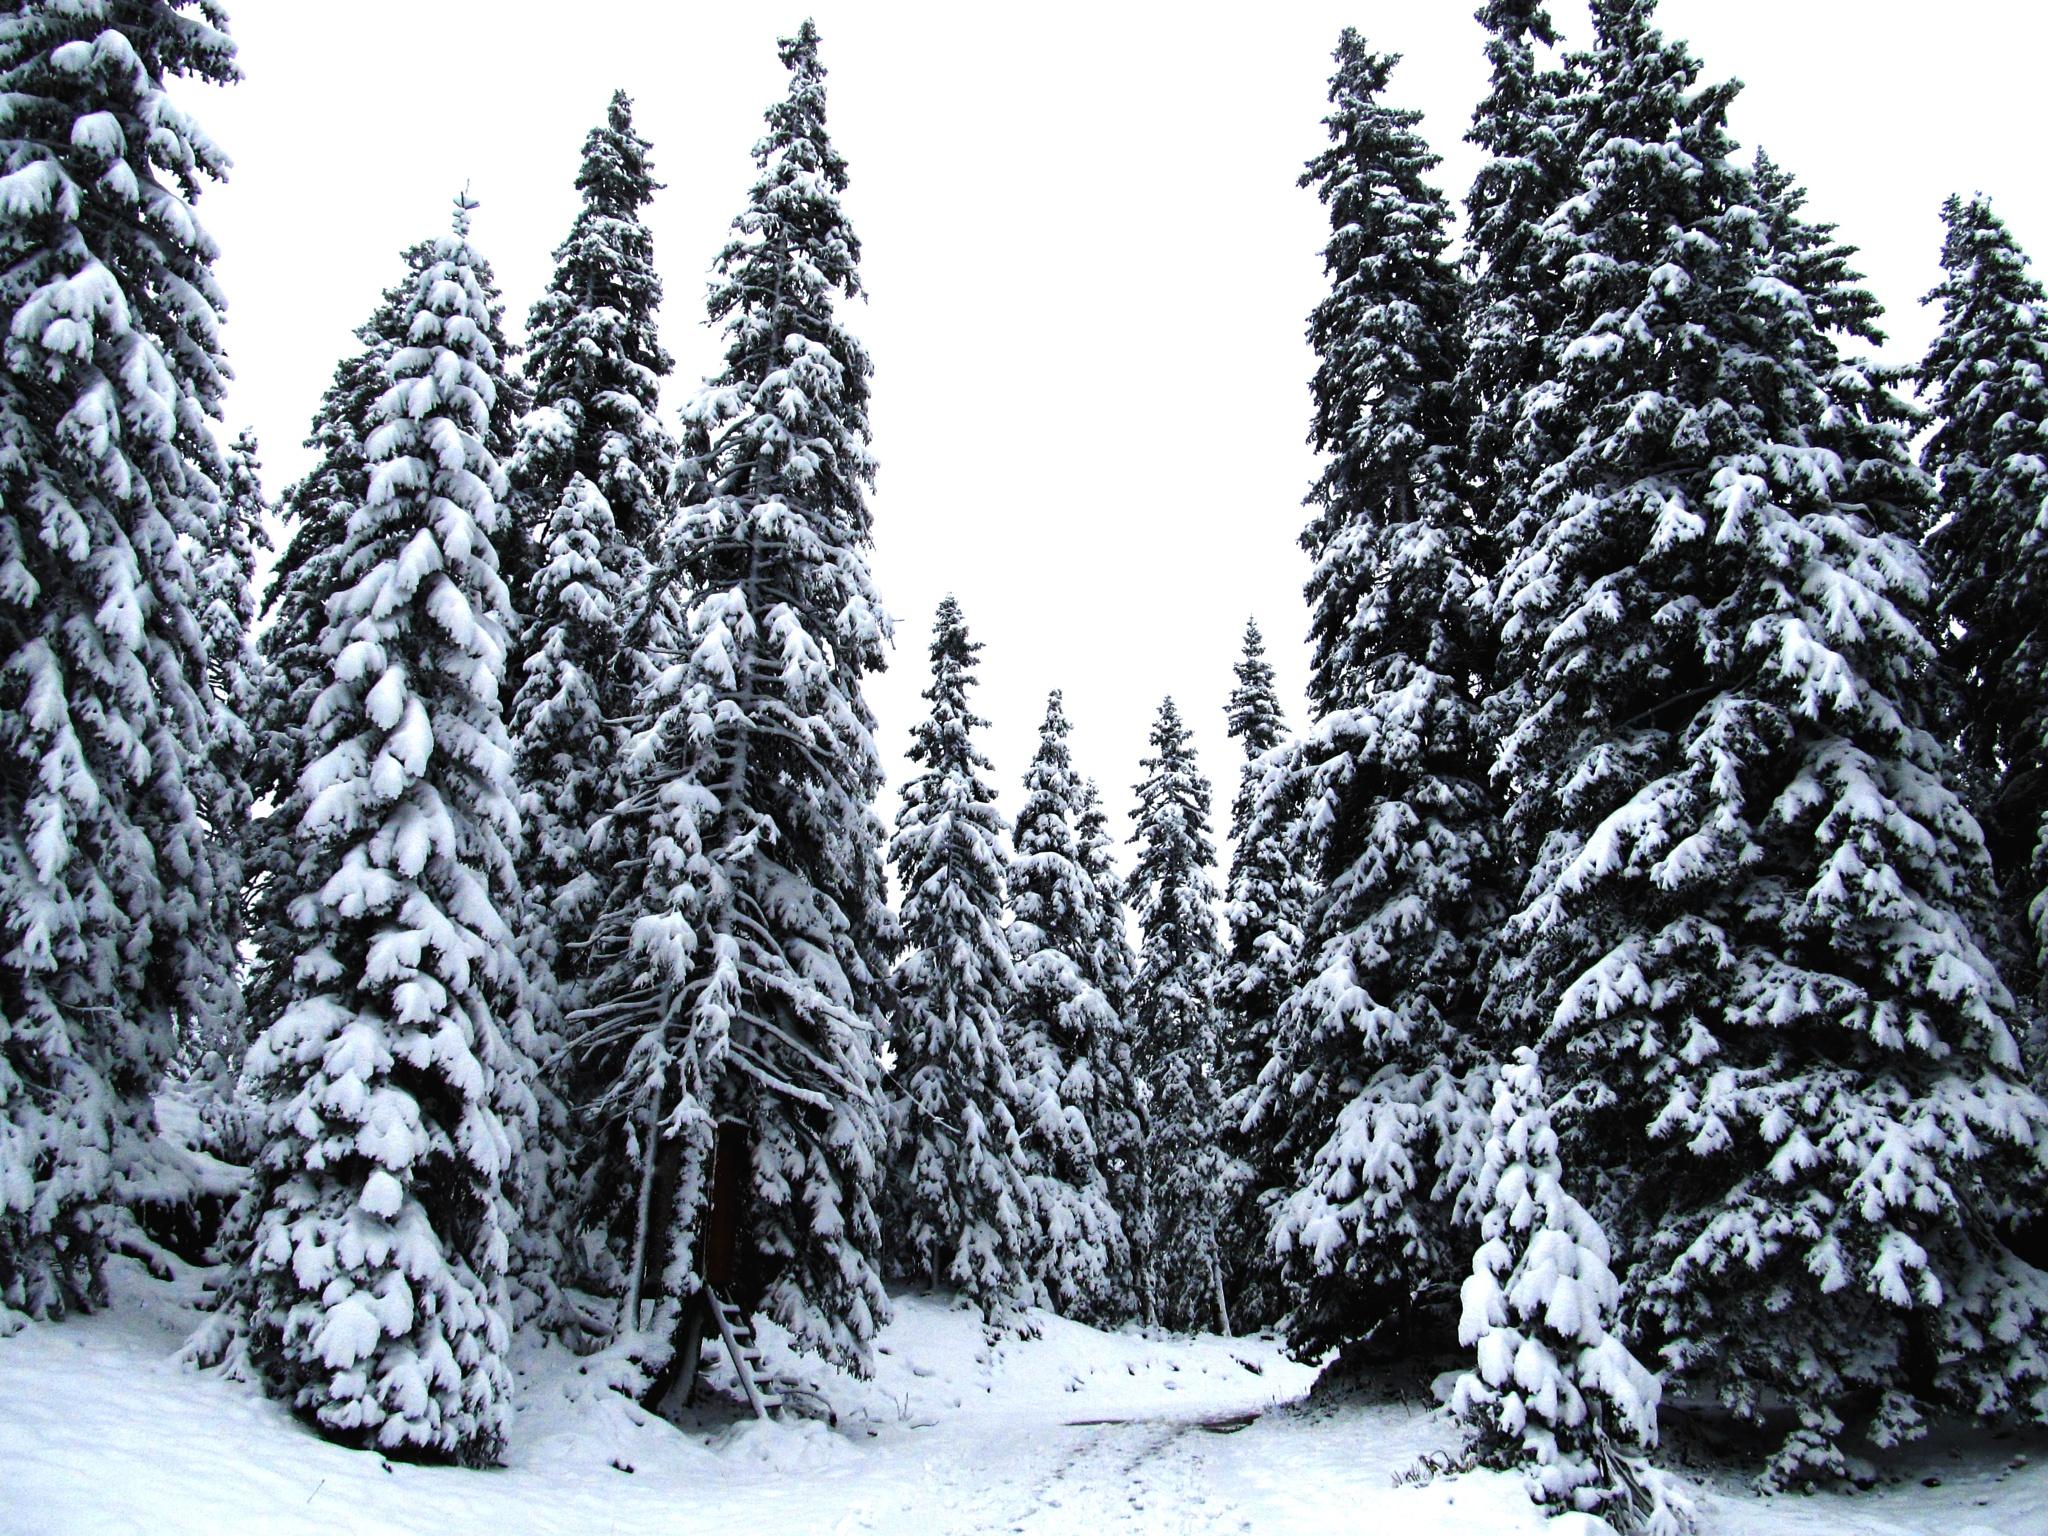 snowy trees by Bence Nagy